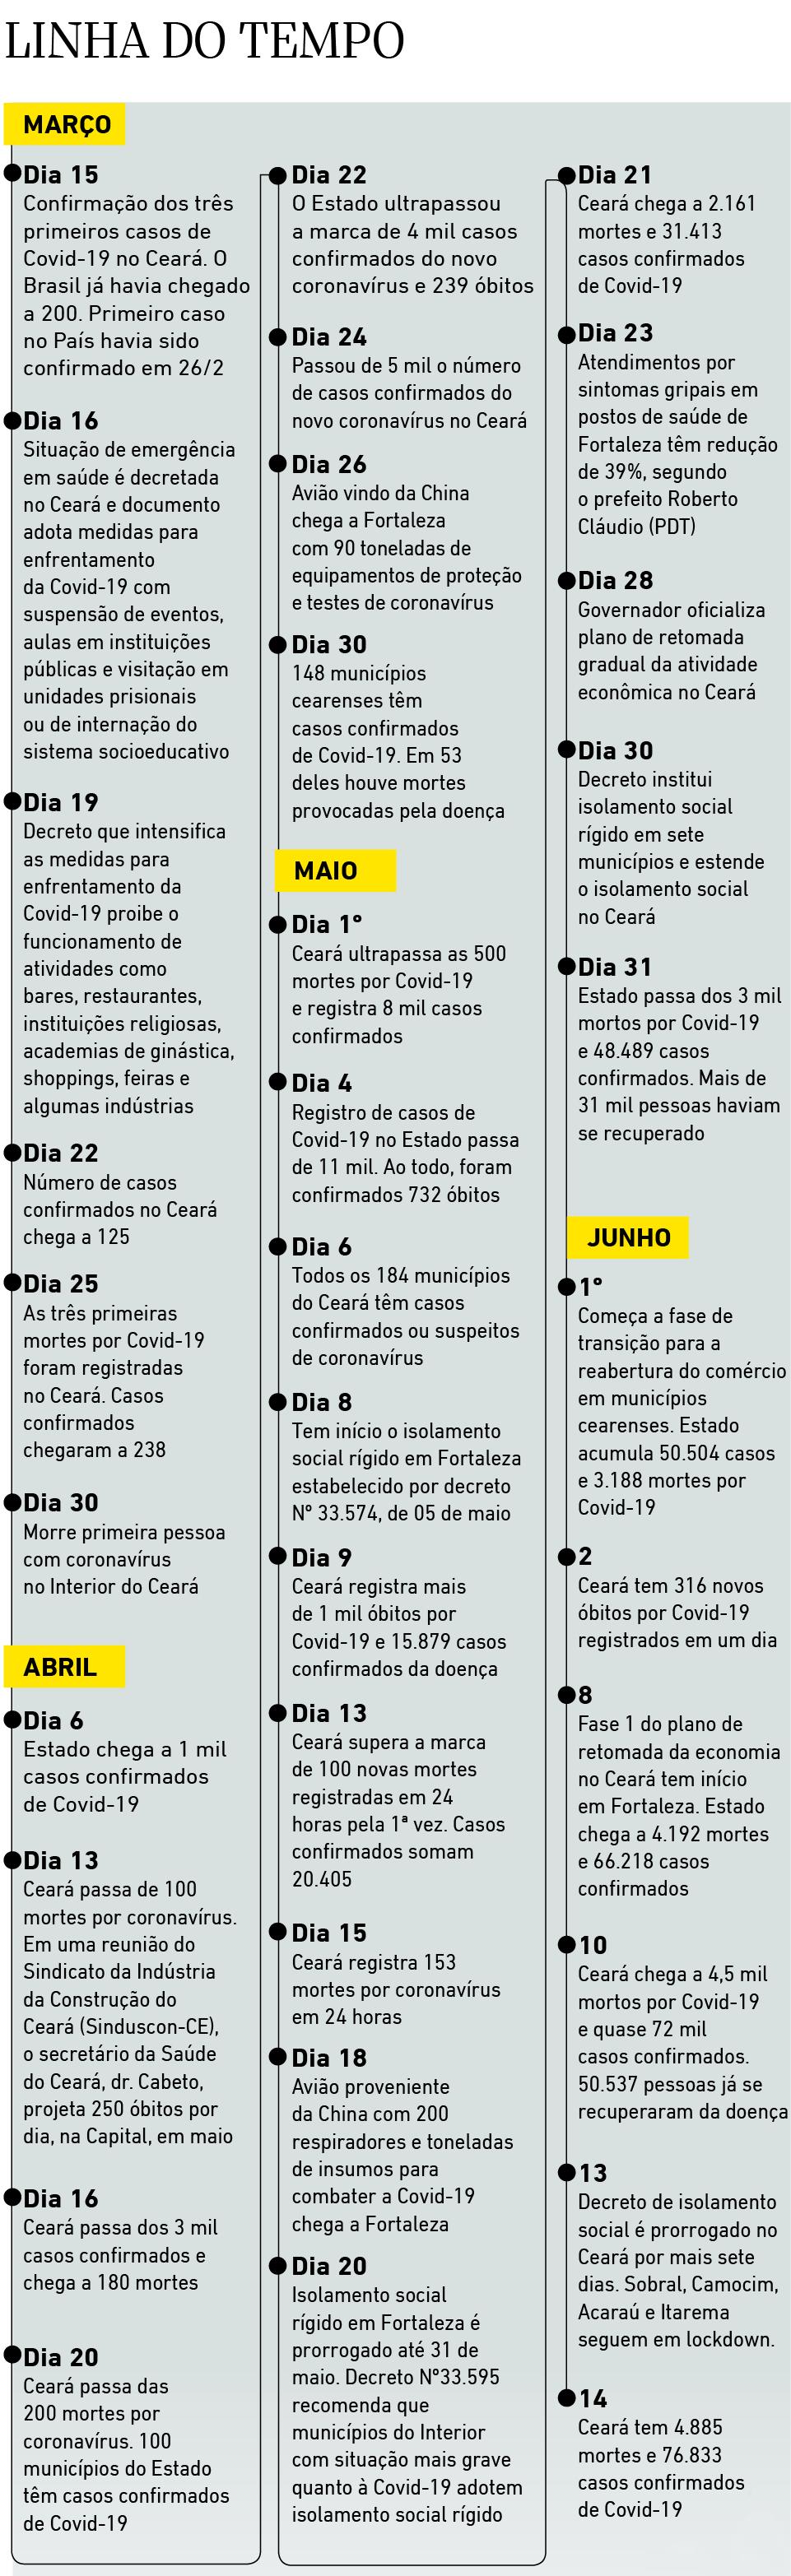 Linha do Tempo dos três primeiros do coronavírus no Ceará